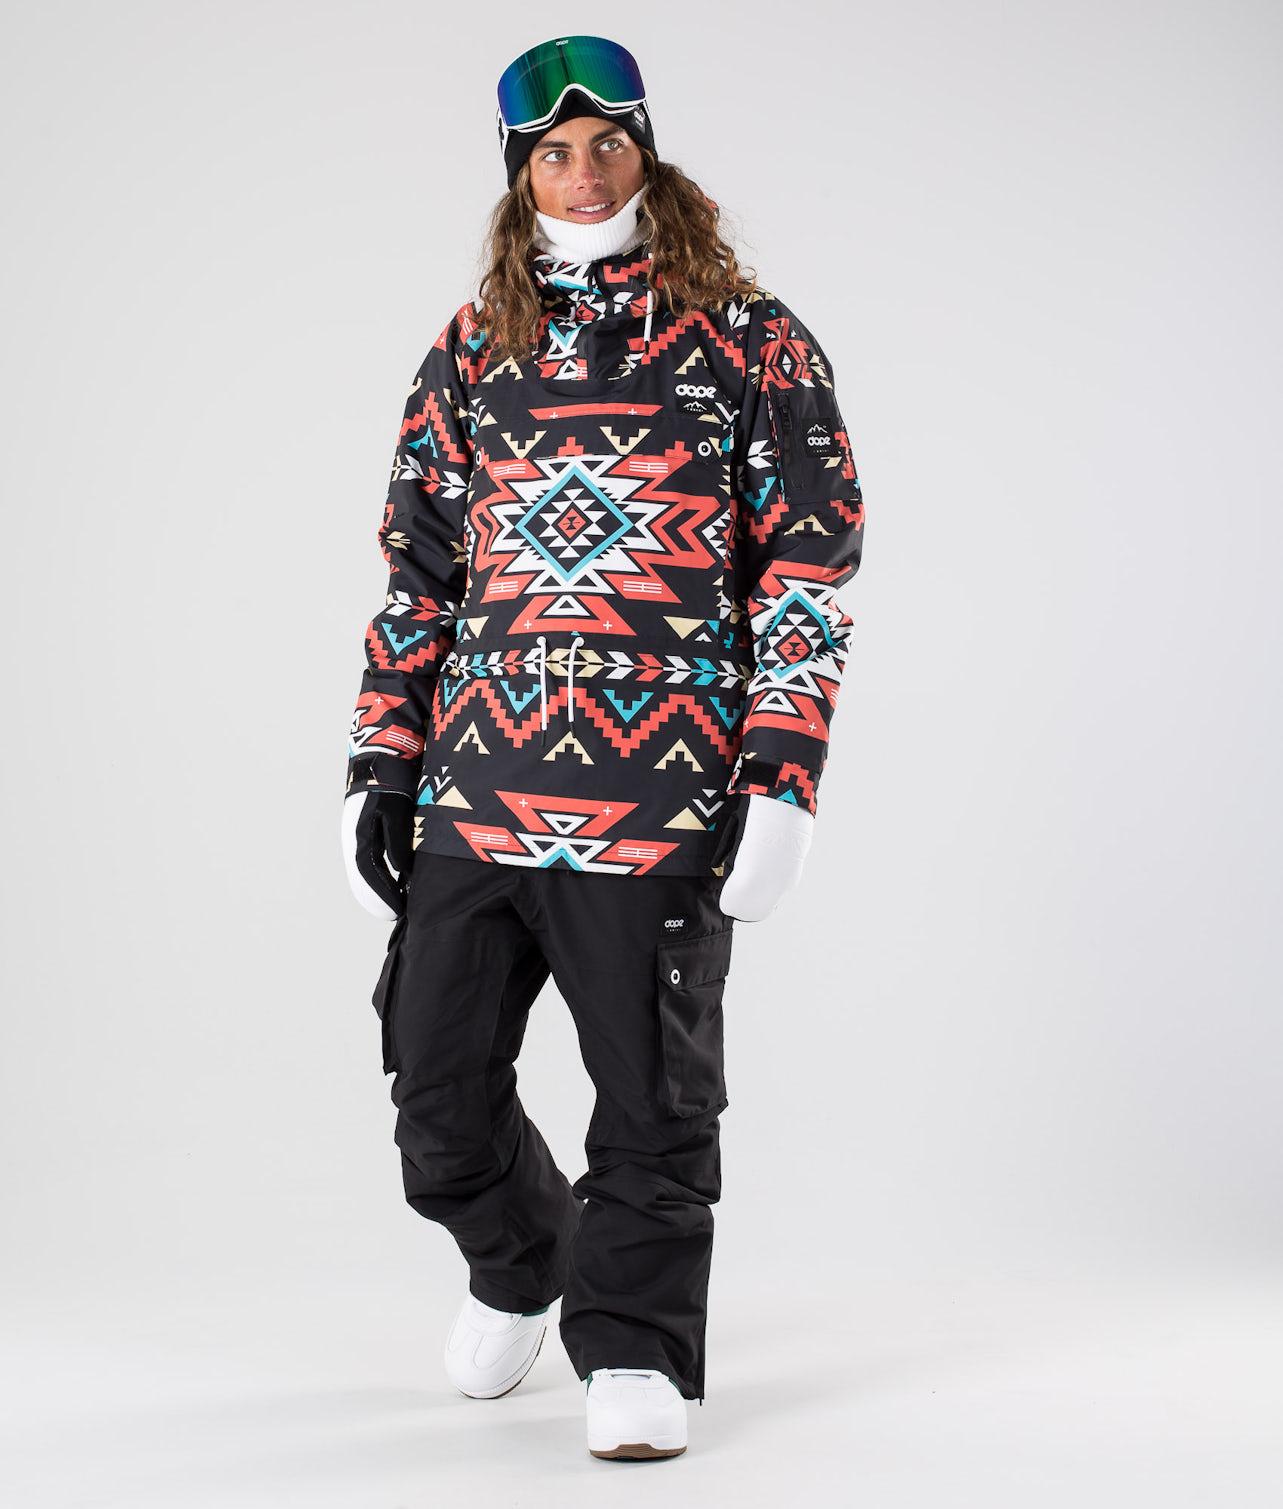 Compra Annok Giacca da snowboard - Dope su Ridestore.it - Hai sempre spedizione gratuita, reso gratuito e 30 giorni rimborso garantito!